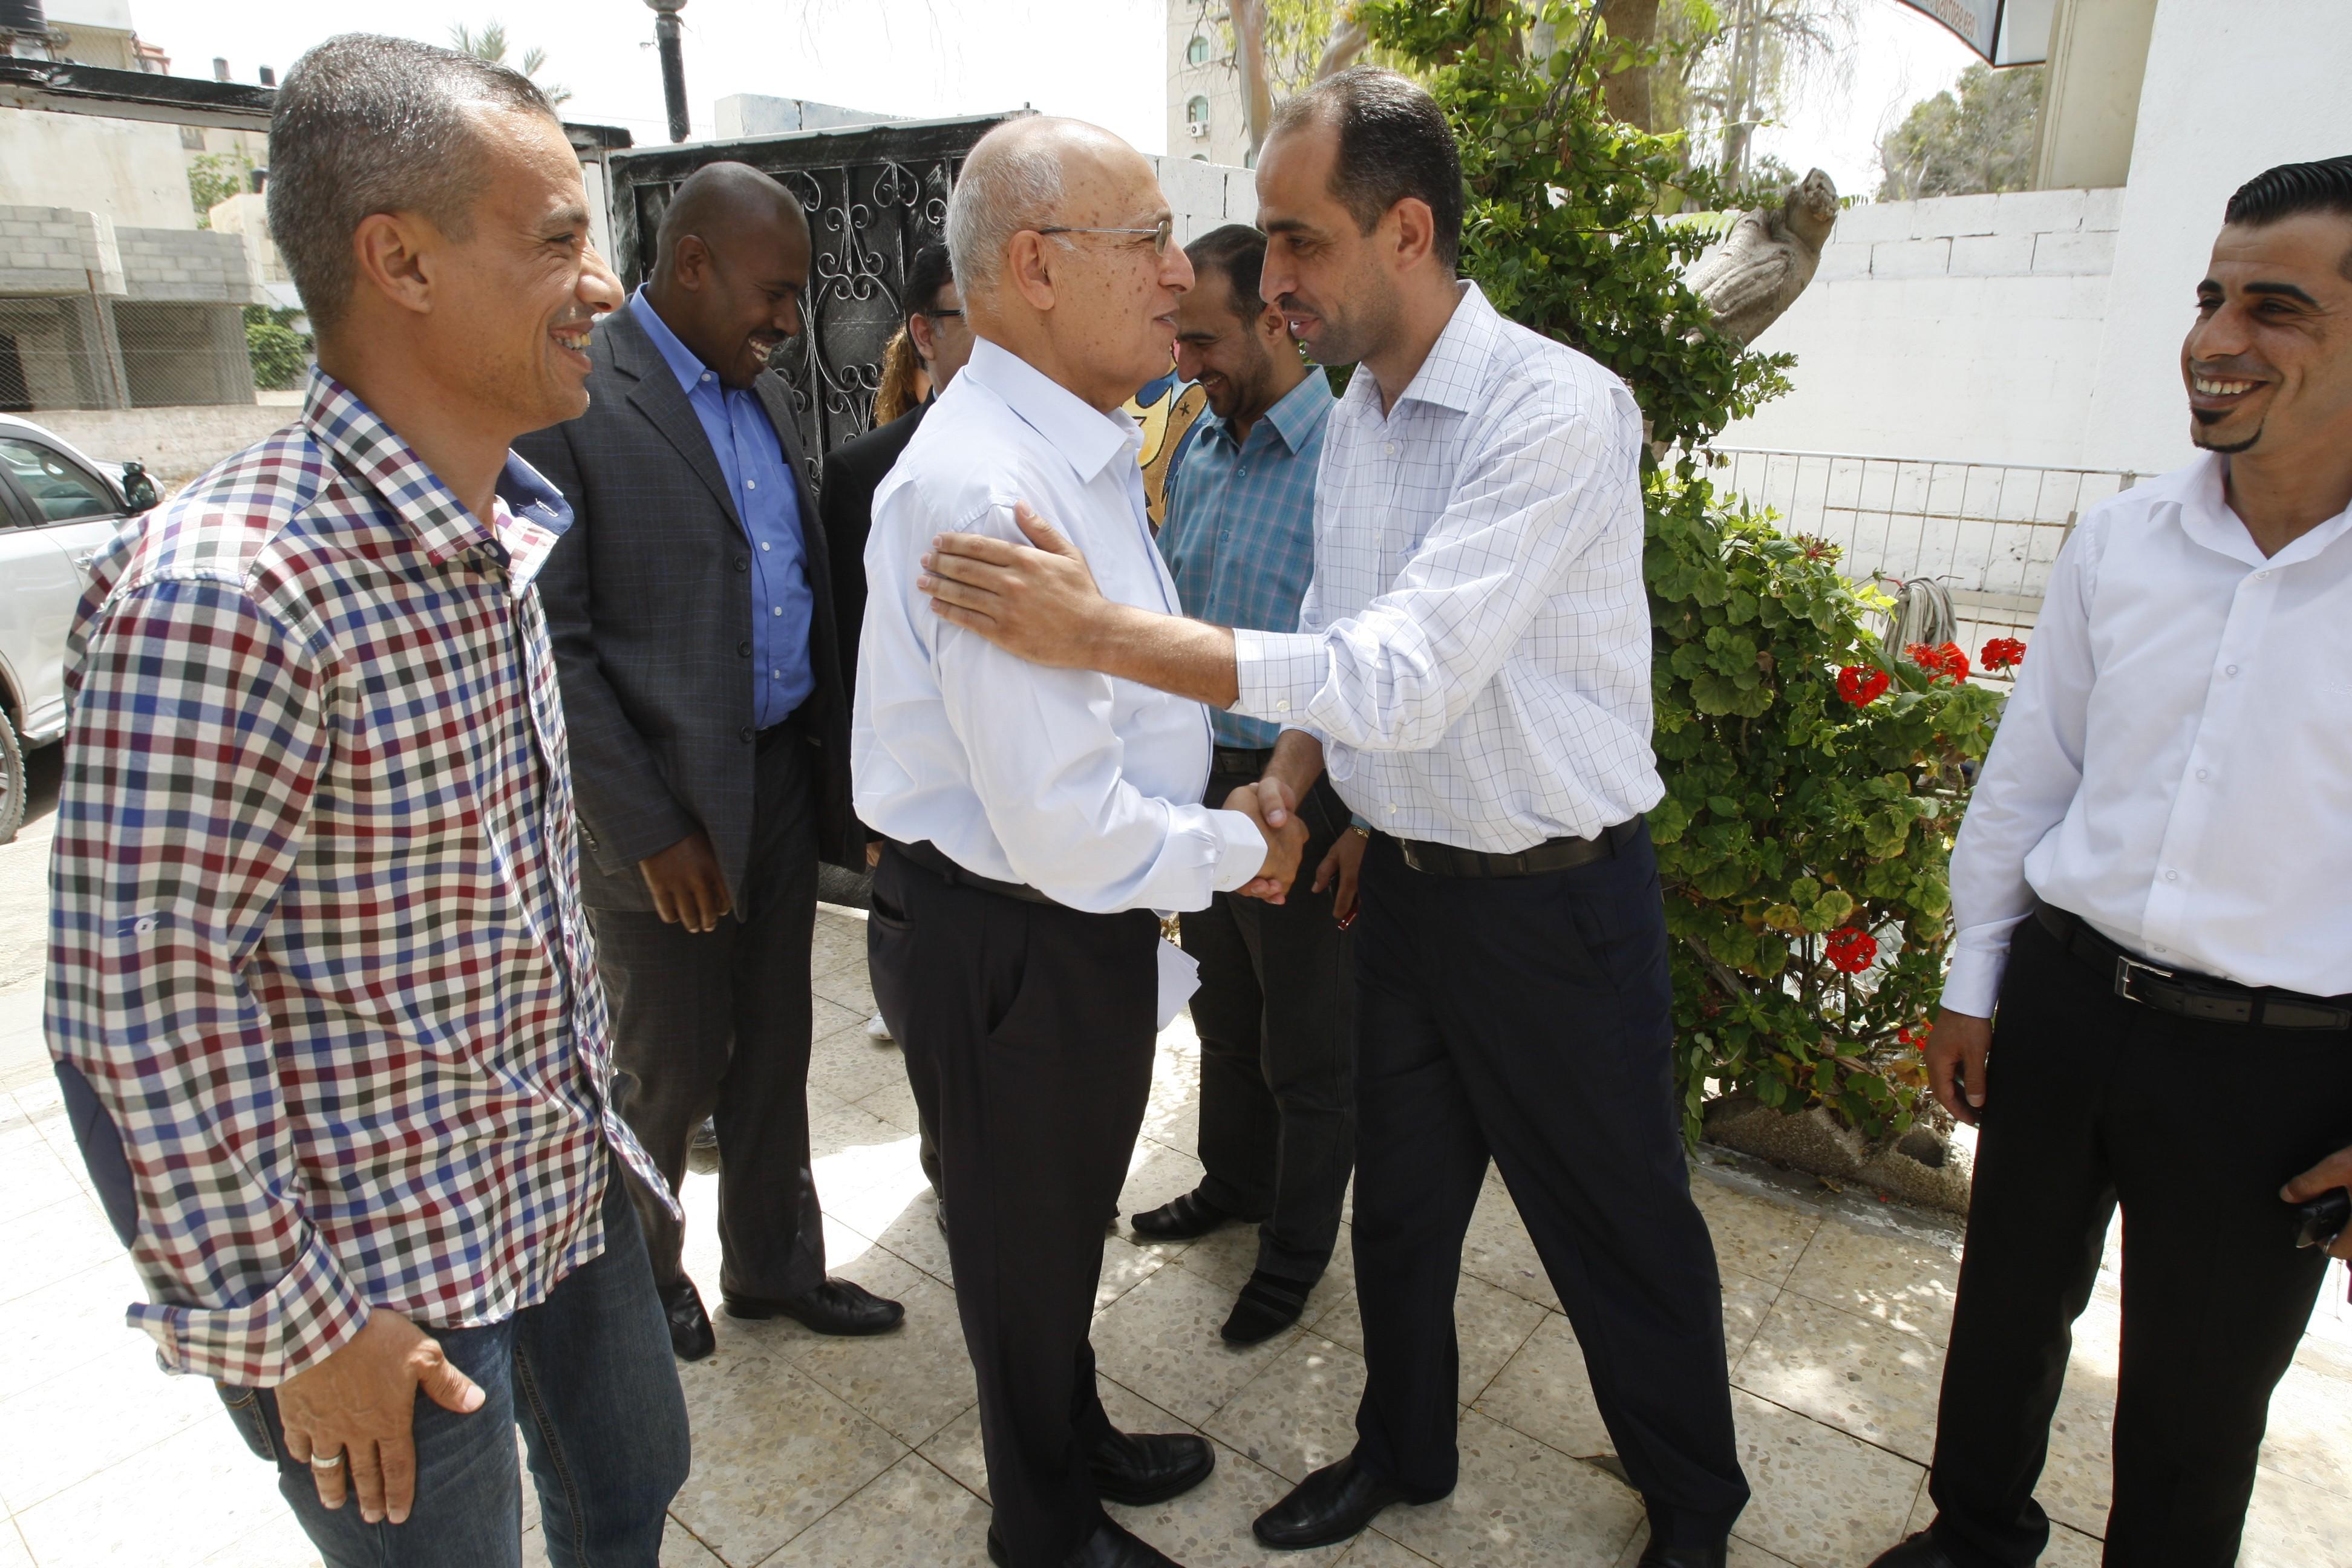 بيت الصحافة - فلسطين يسقبل عضو اللجنة المركزية لحركة (فتح) نبيل شعث